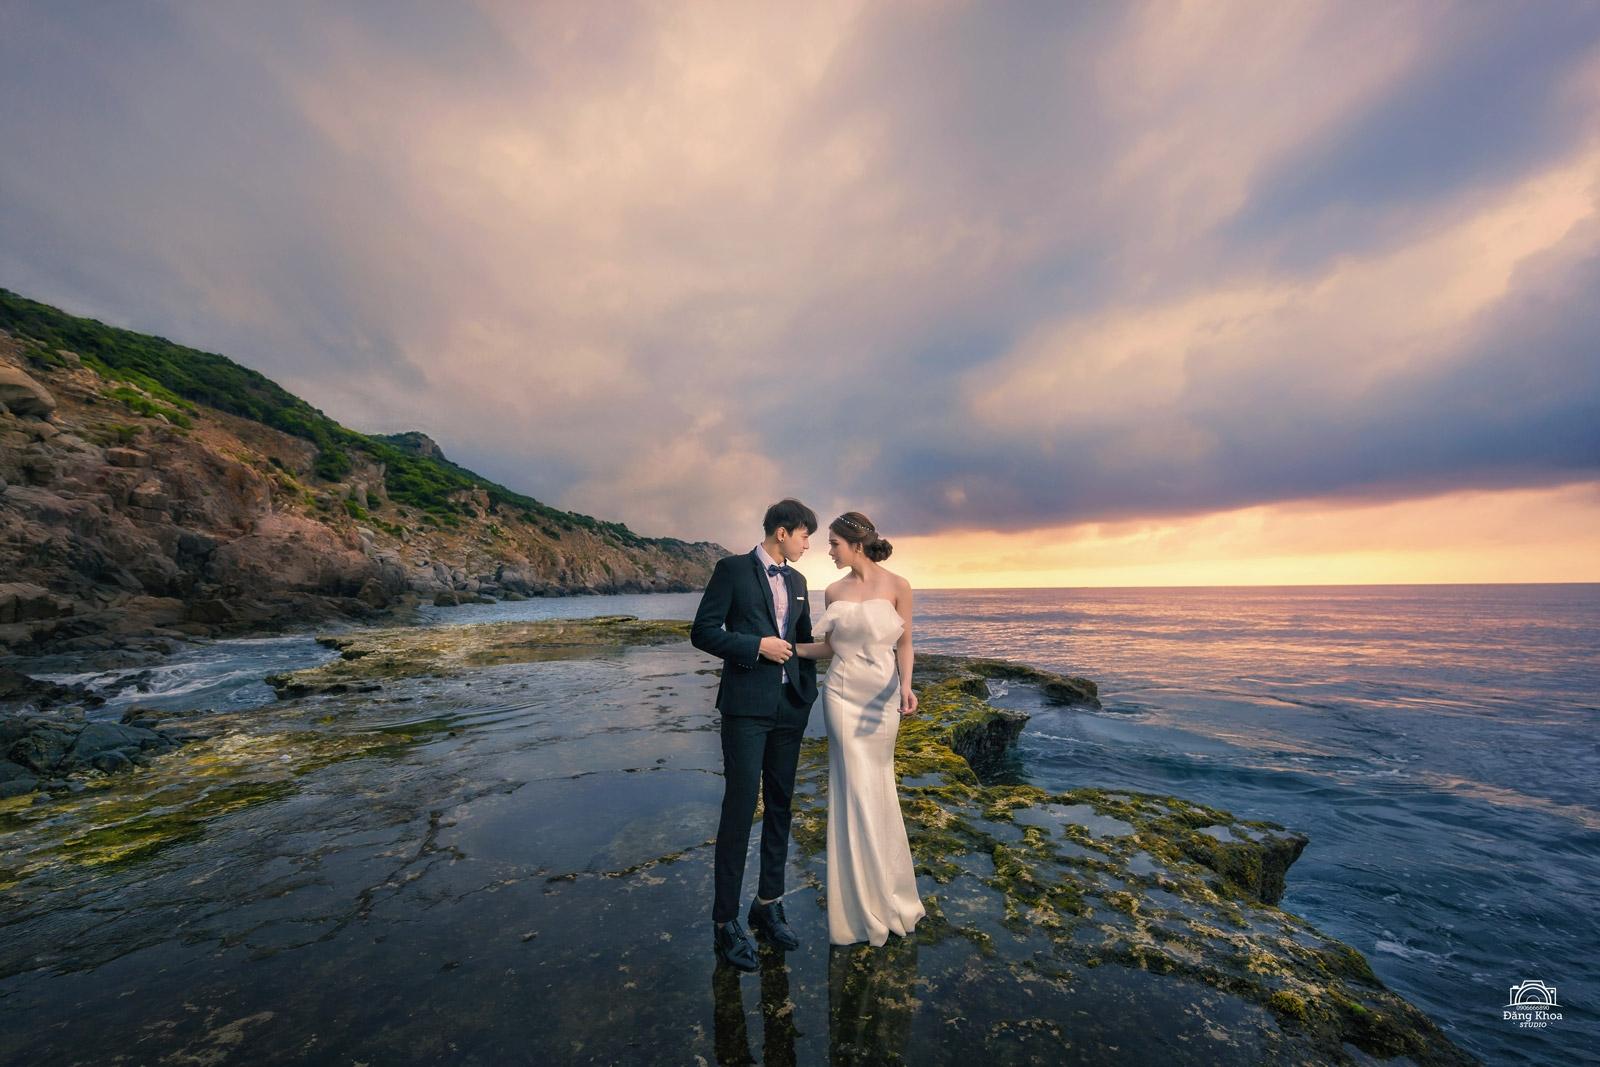 chụp hình cưới ở vịnh Vĩnh Hy